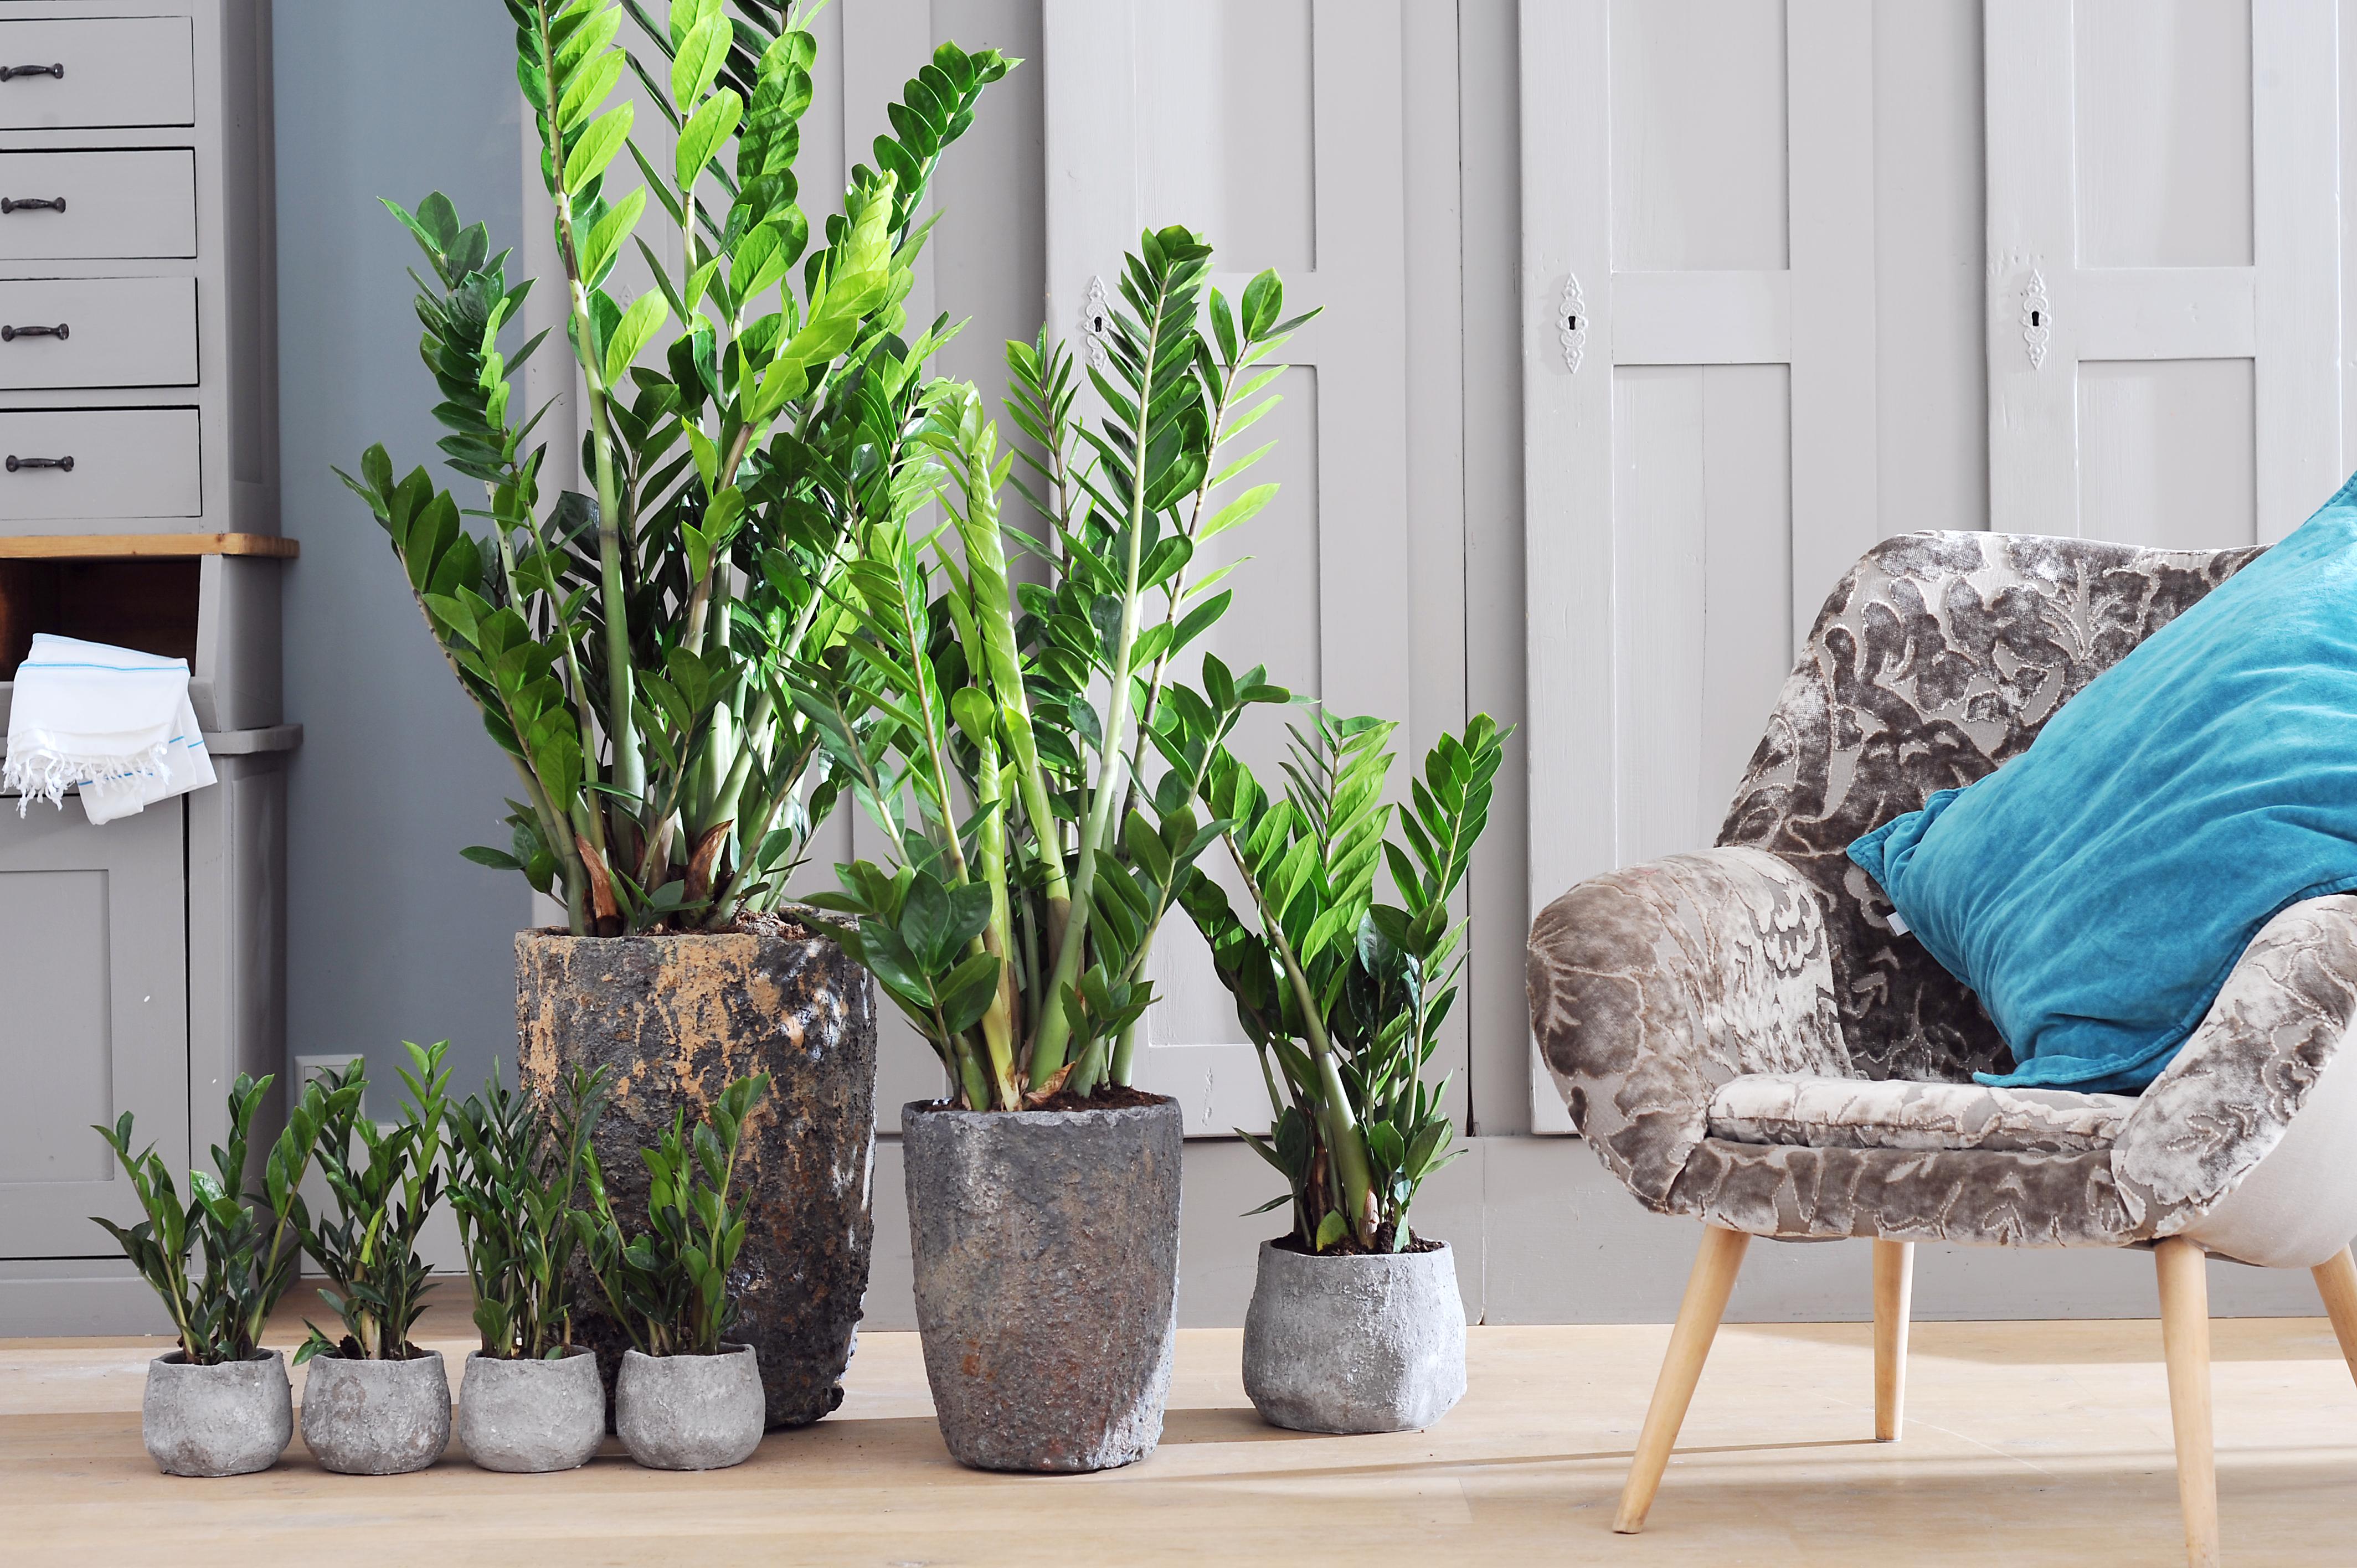 Atemberaubende Dekoration Moderne Wohnzimmer Pflanzen Konzept Zamioculcas ist Zimmerpflanze des Monats September Z wie